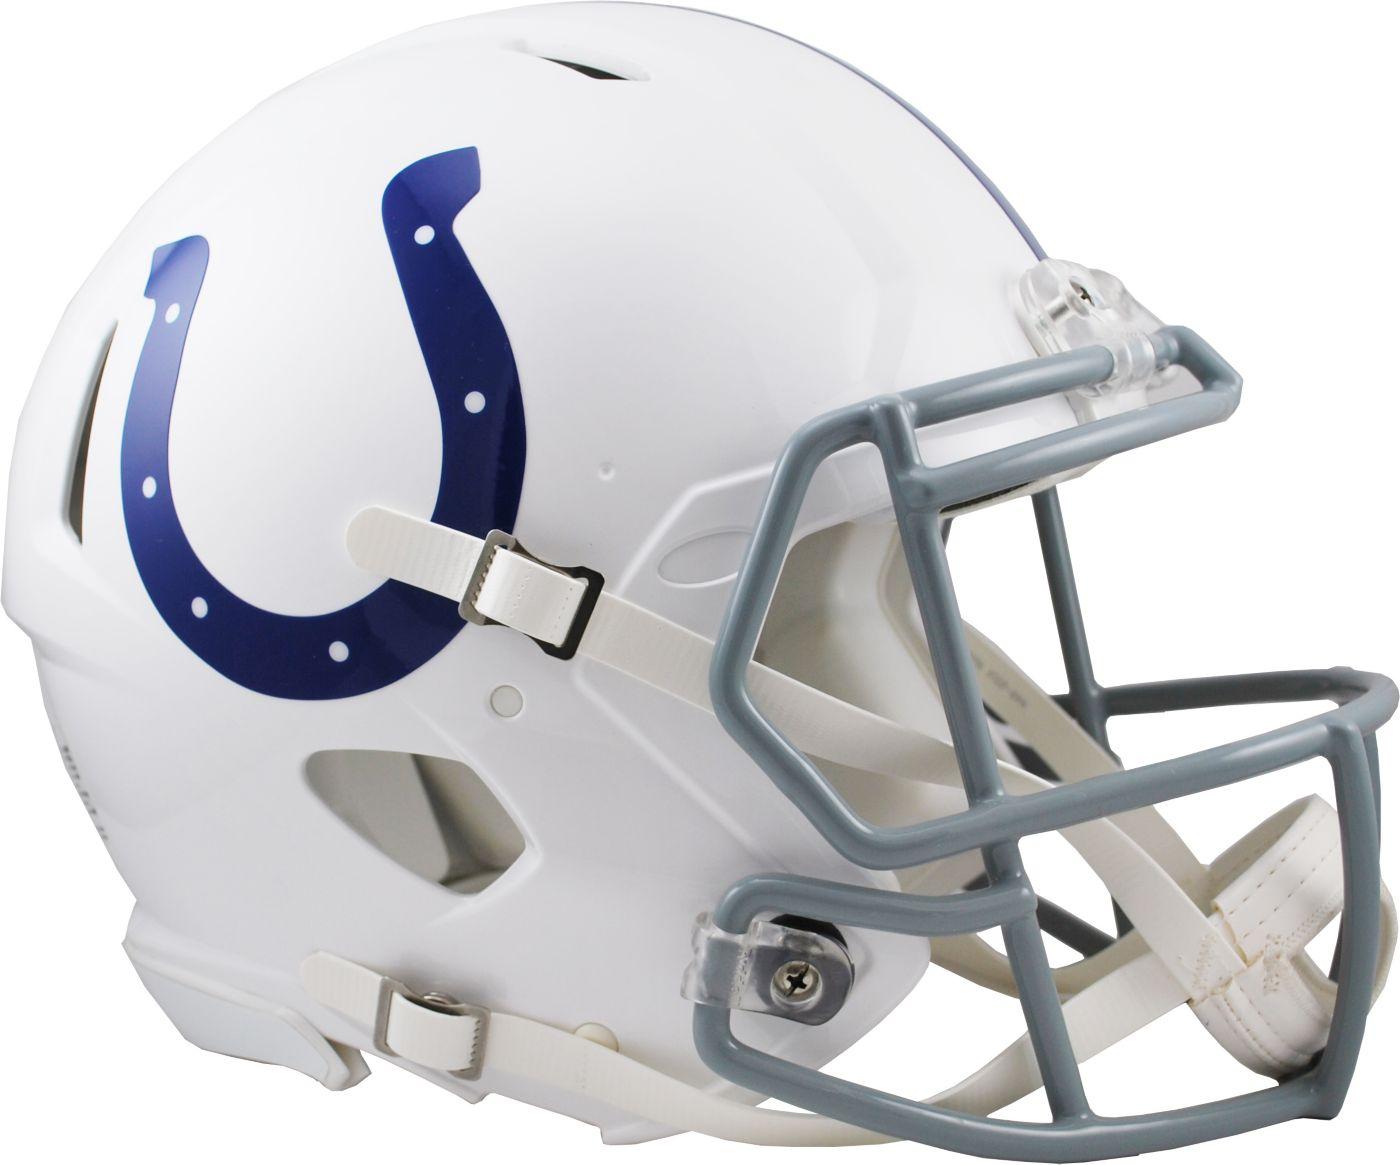 Riddell Indianapolis Colts Revolution Speed Football Helmet